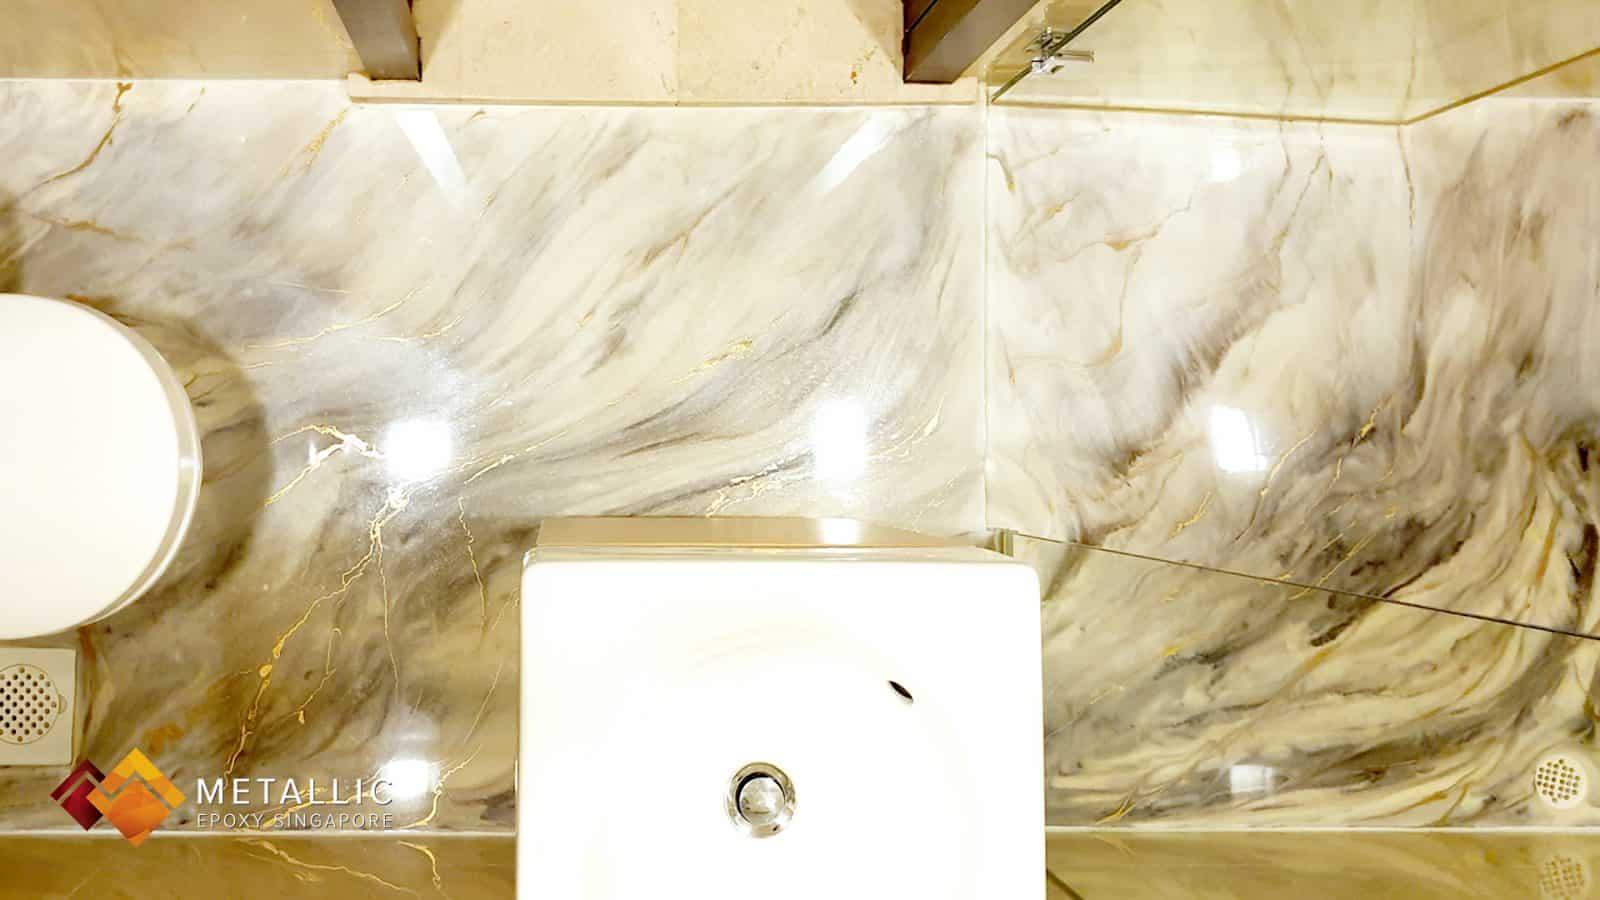 Crema Marfil Vanity Top